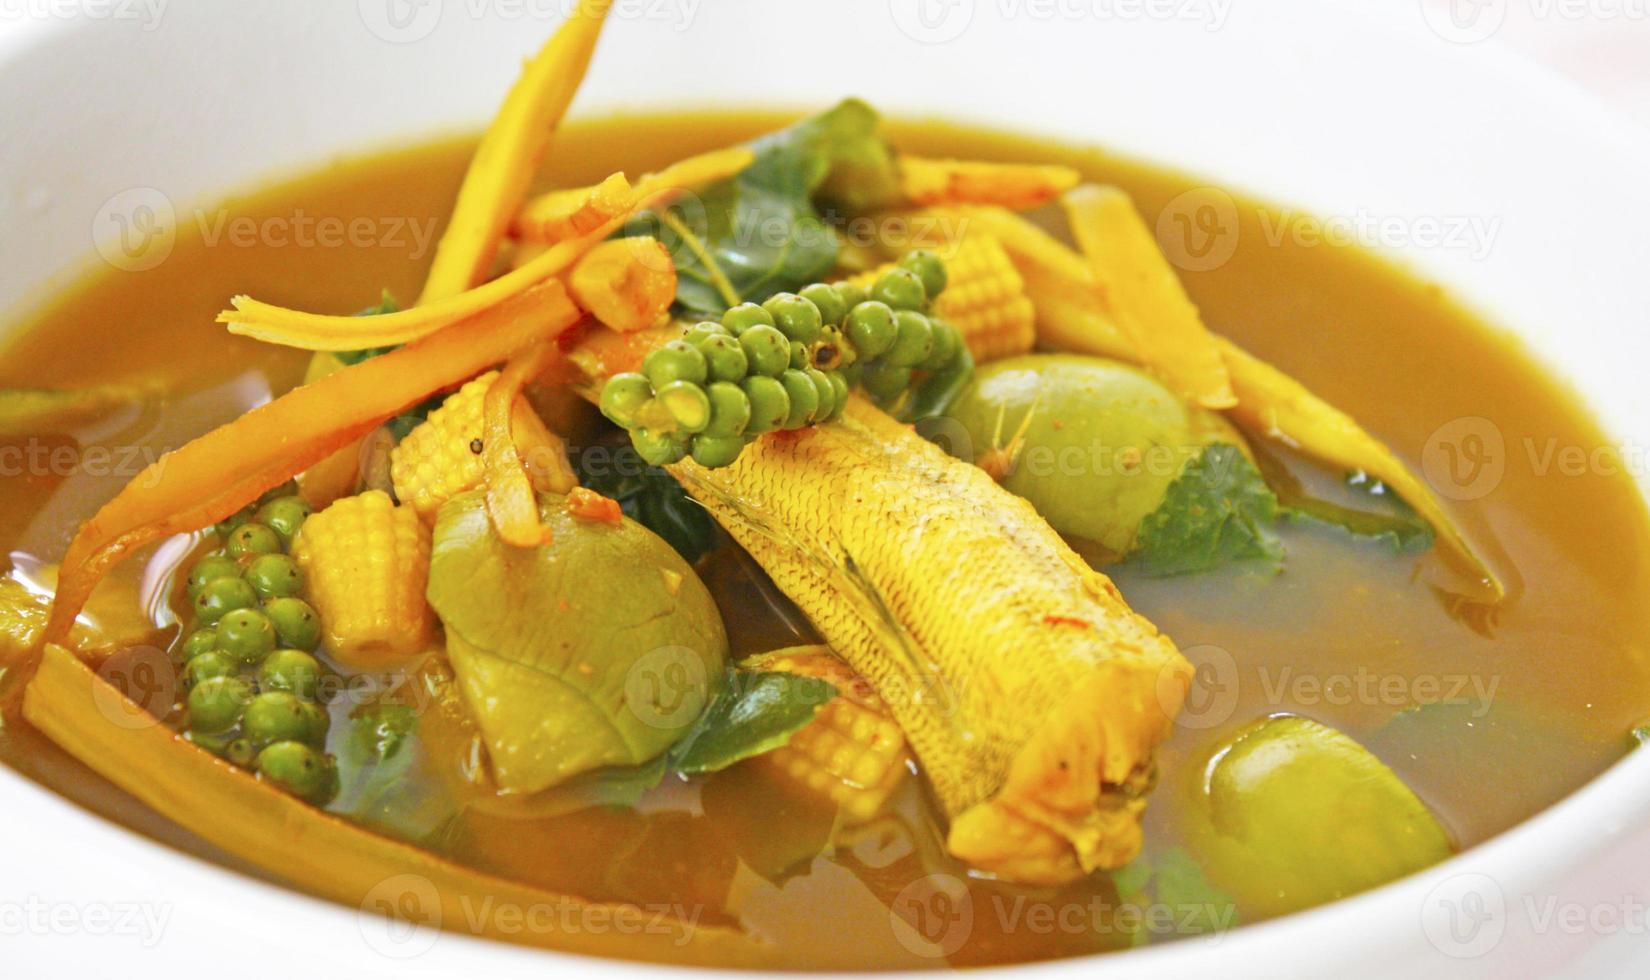 sur och kryddig thailändsk mat foto